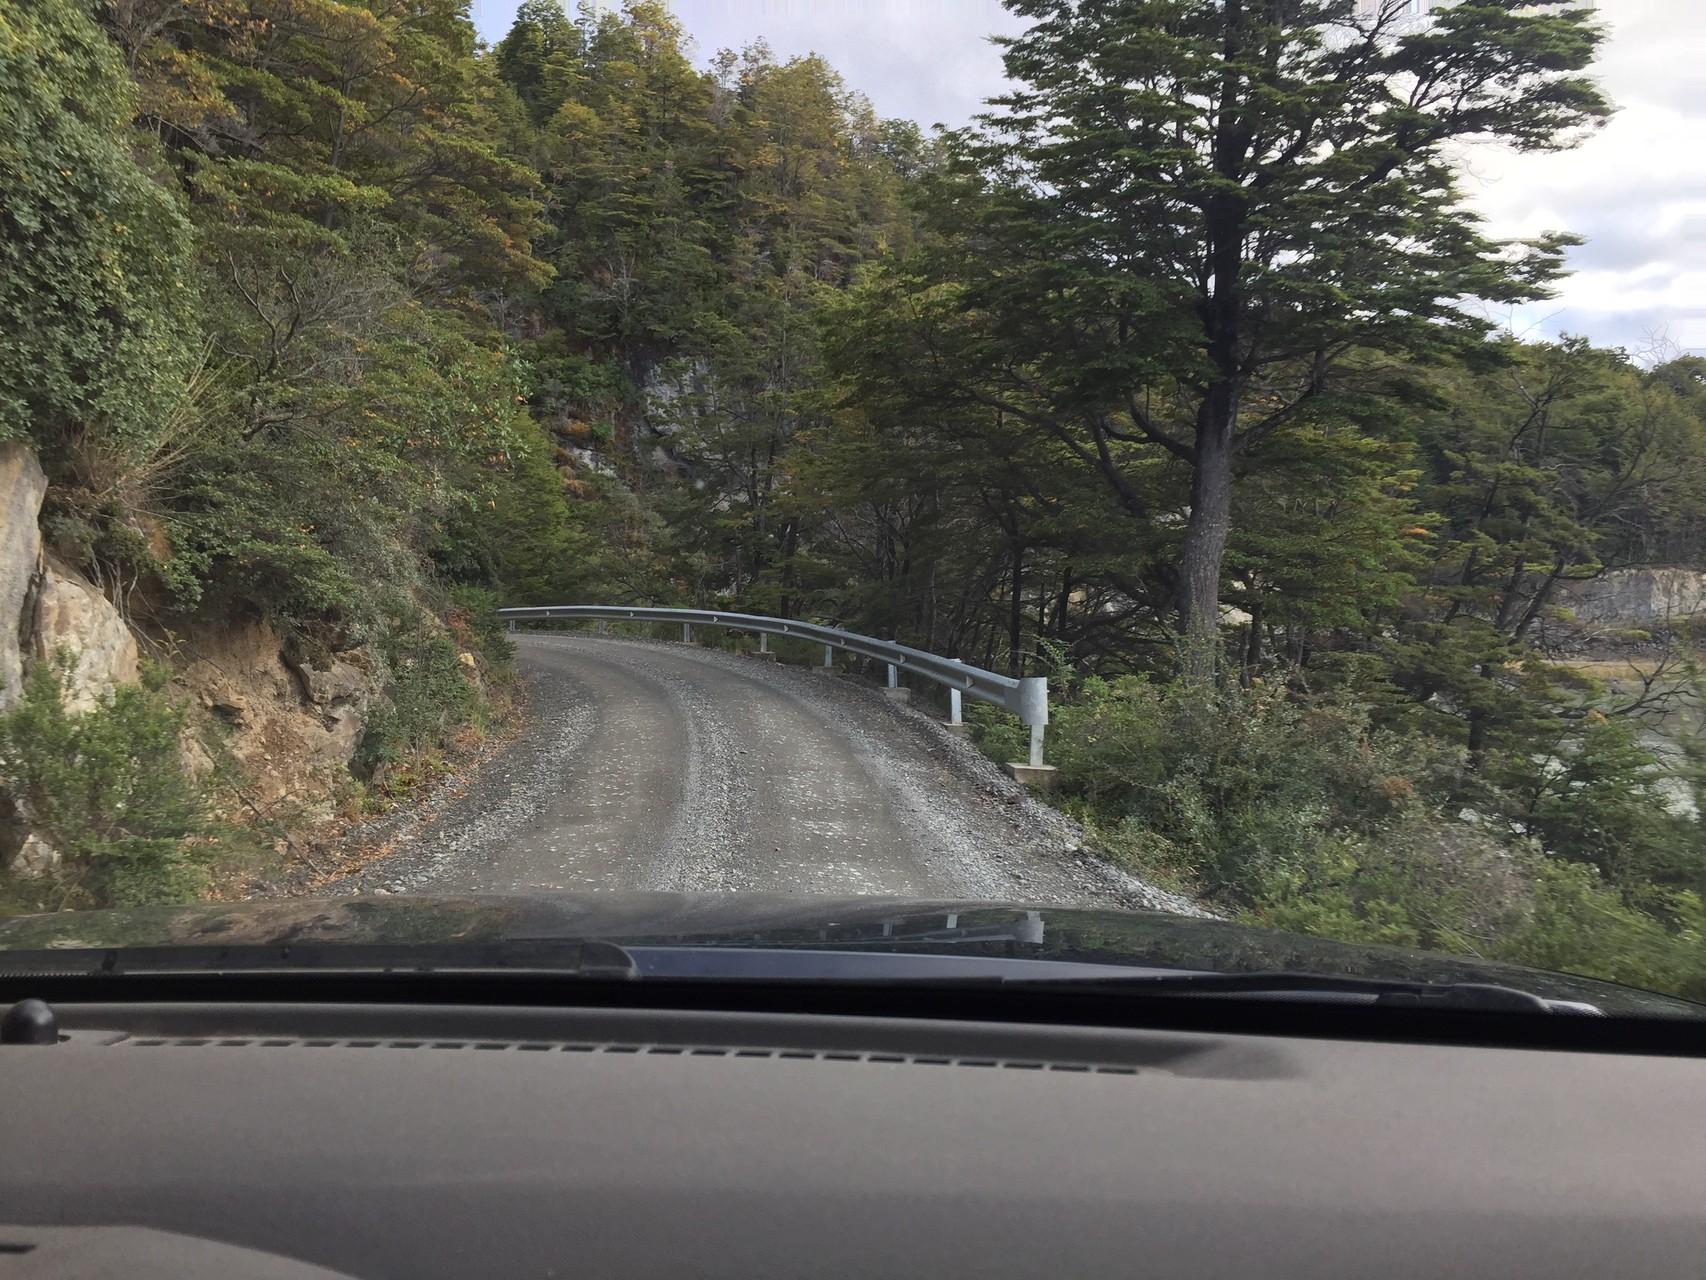 Richtung Süden auf den ersten Kilometern